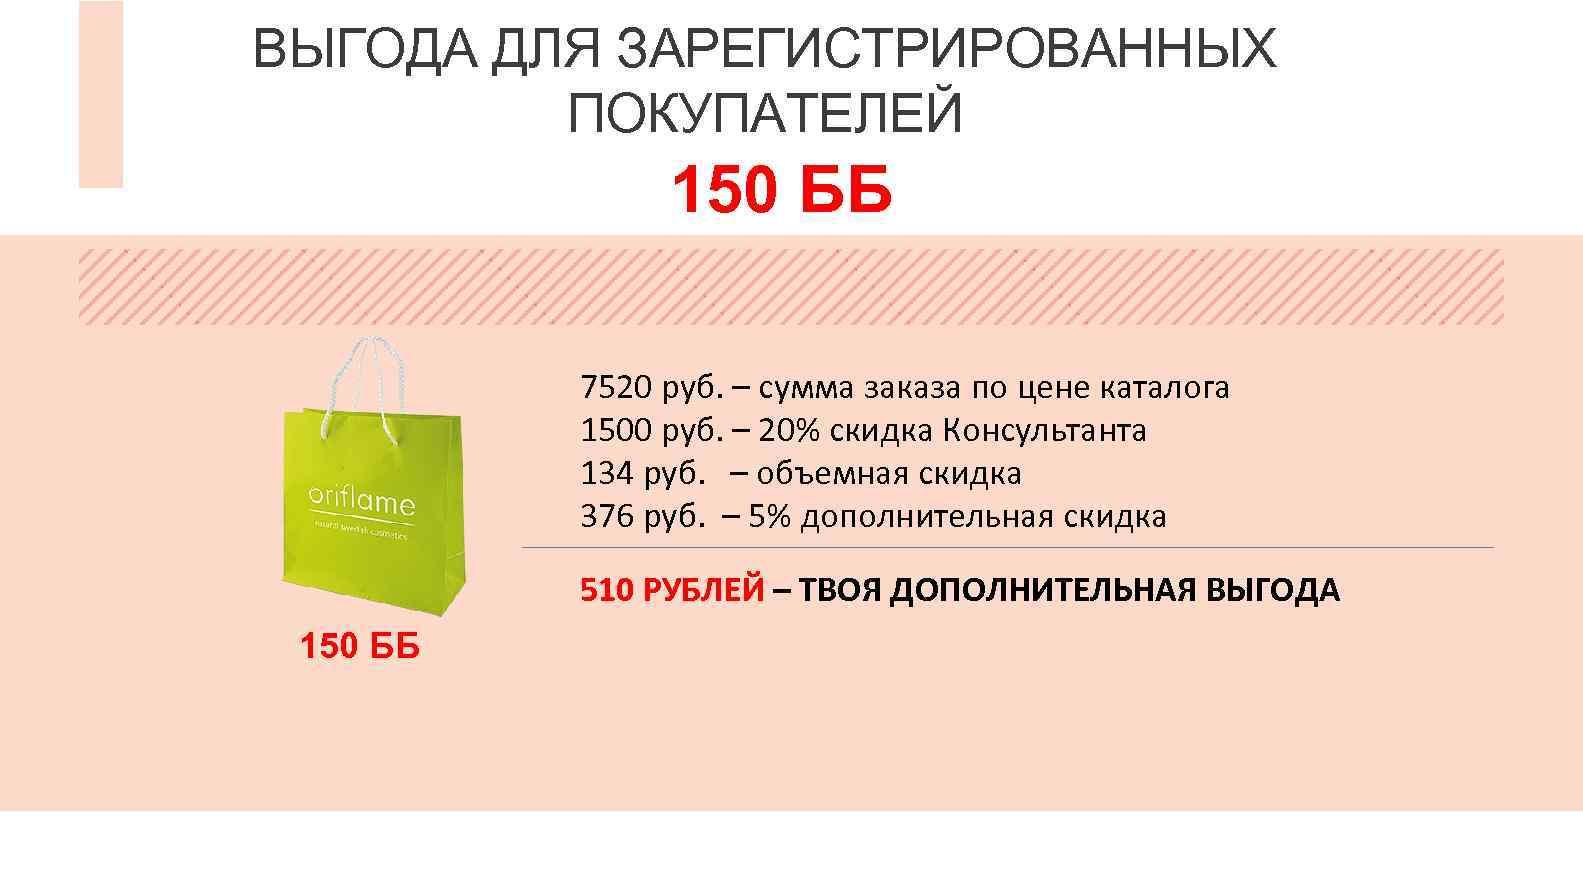 ВЫГОДА ДЛЯ ЗАРЕГИСТРИРОВАННЫХ ПОКУПАТЕЛЕЙ 150 ББ 7520 руб. – сумма заказа по цене каталога